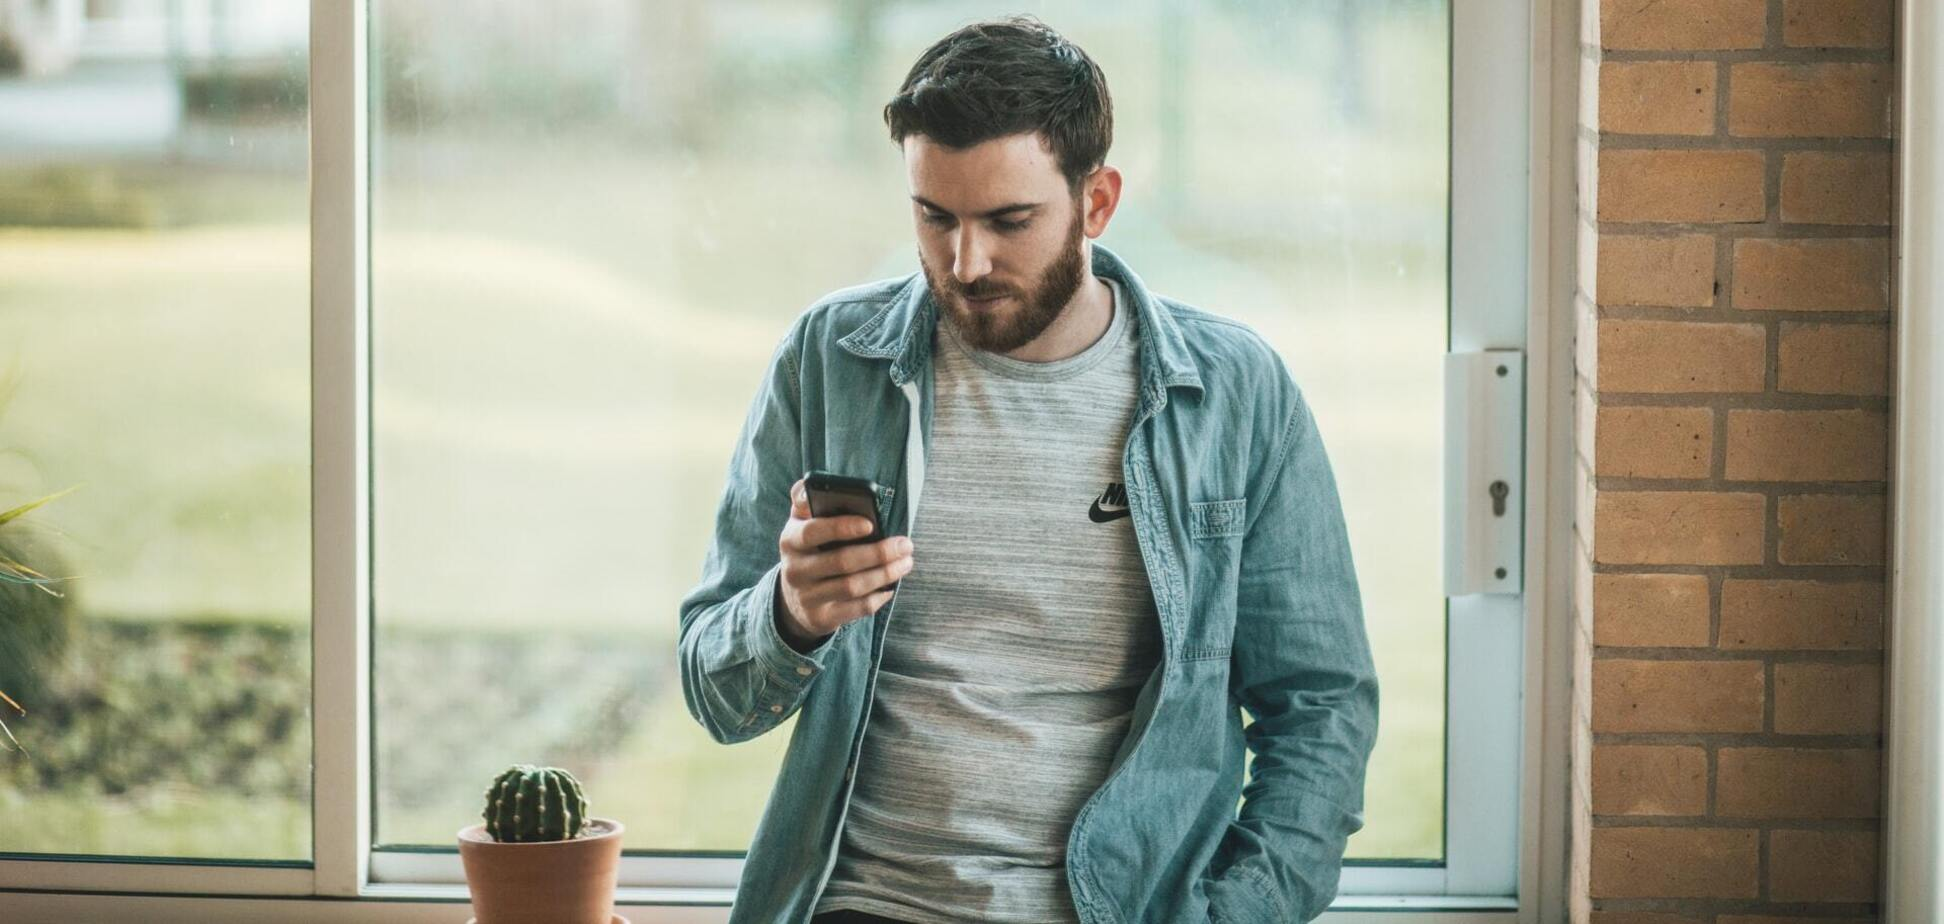 Всемирный день без мобильного телефона отмечается с 2001 года